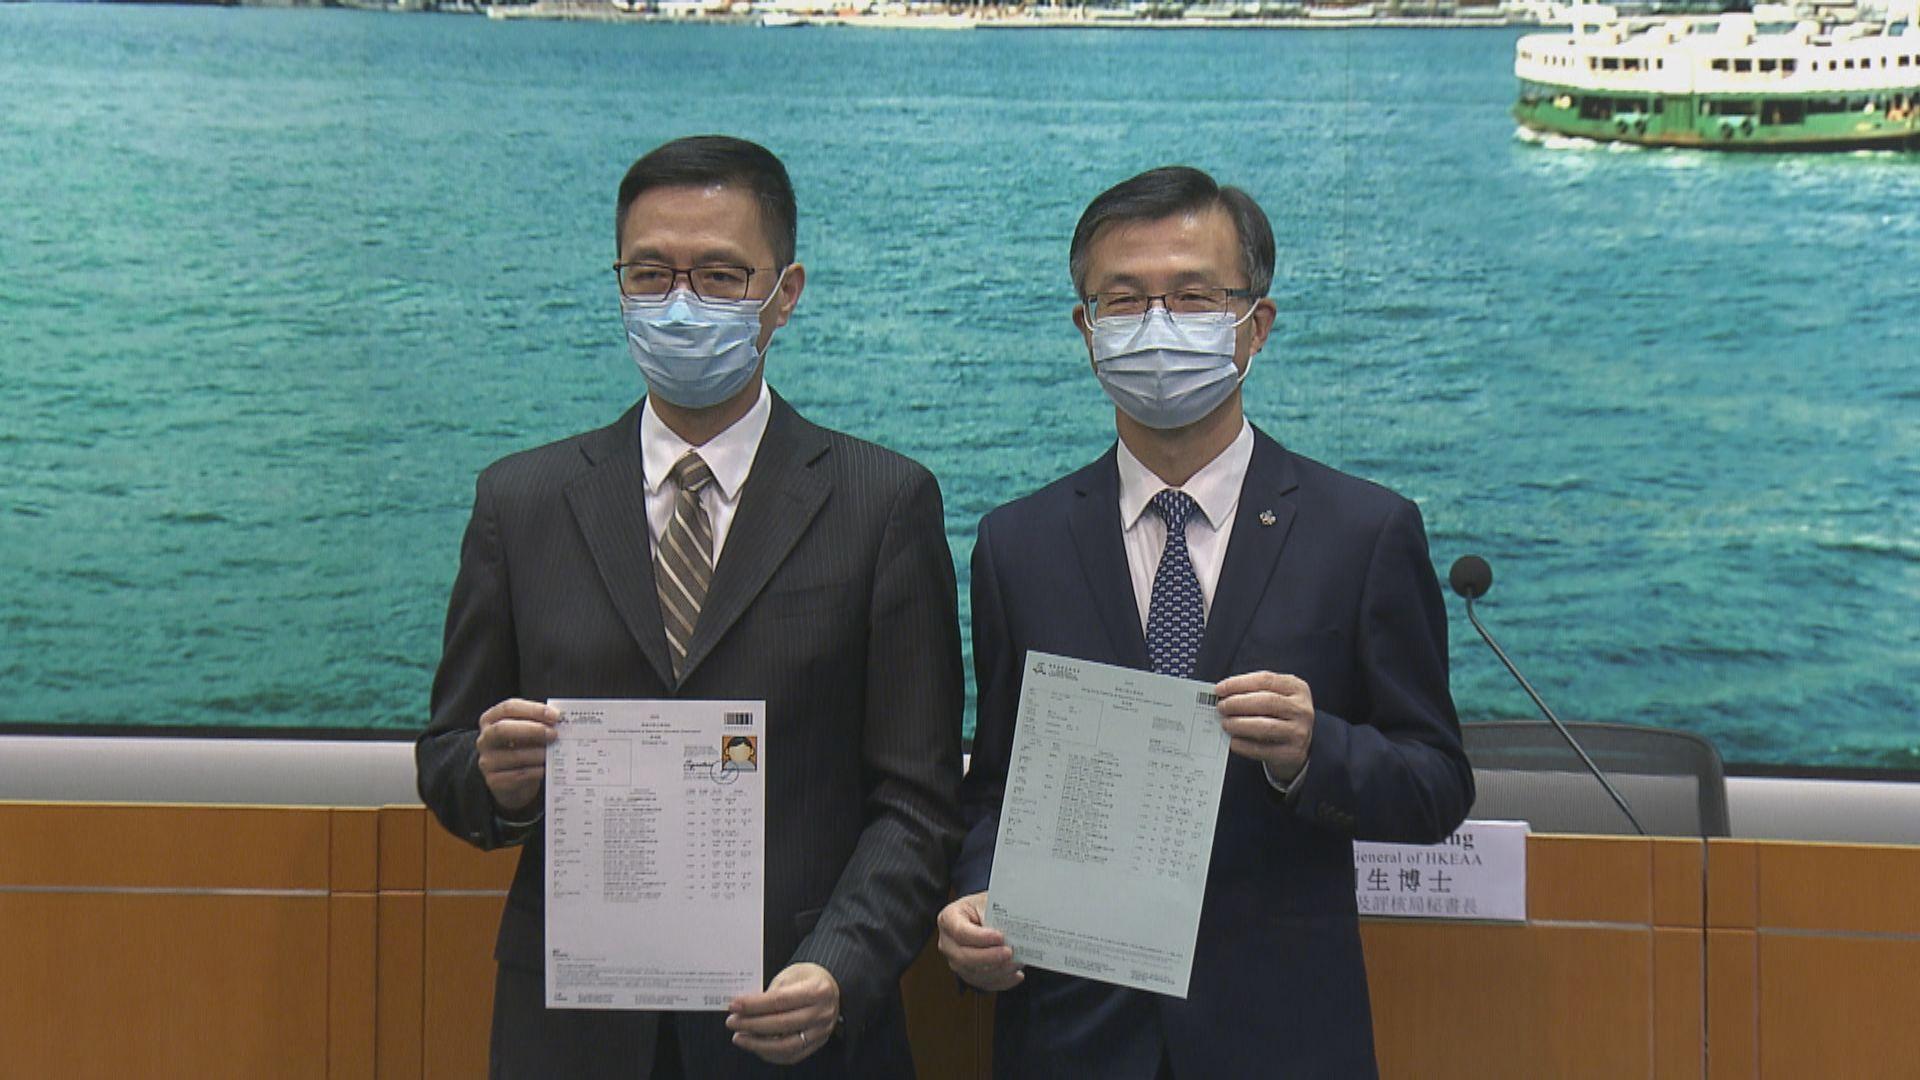 楊潤雄:即使確診數字上升 文憑試亦未必需再延期